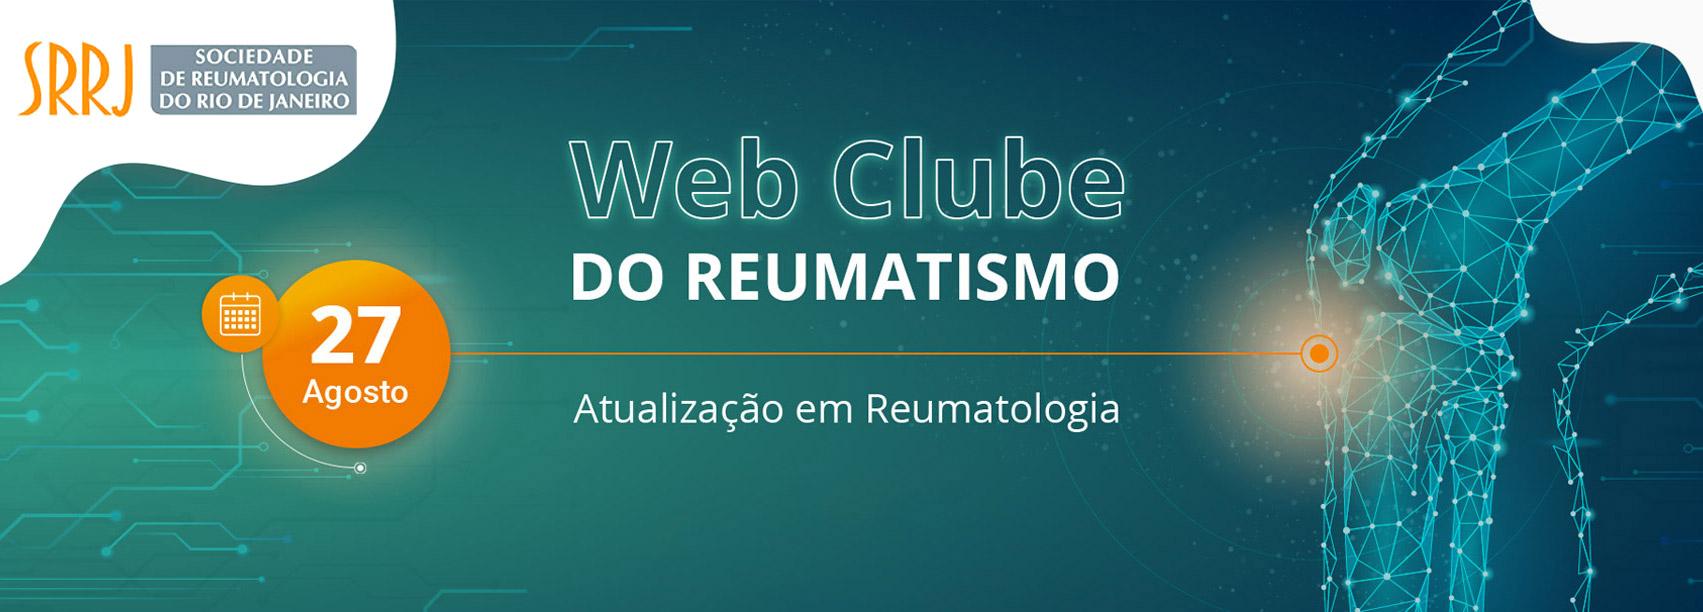 Web Clube – Atualização em Reumatologia